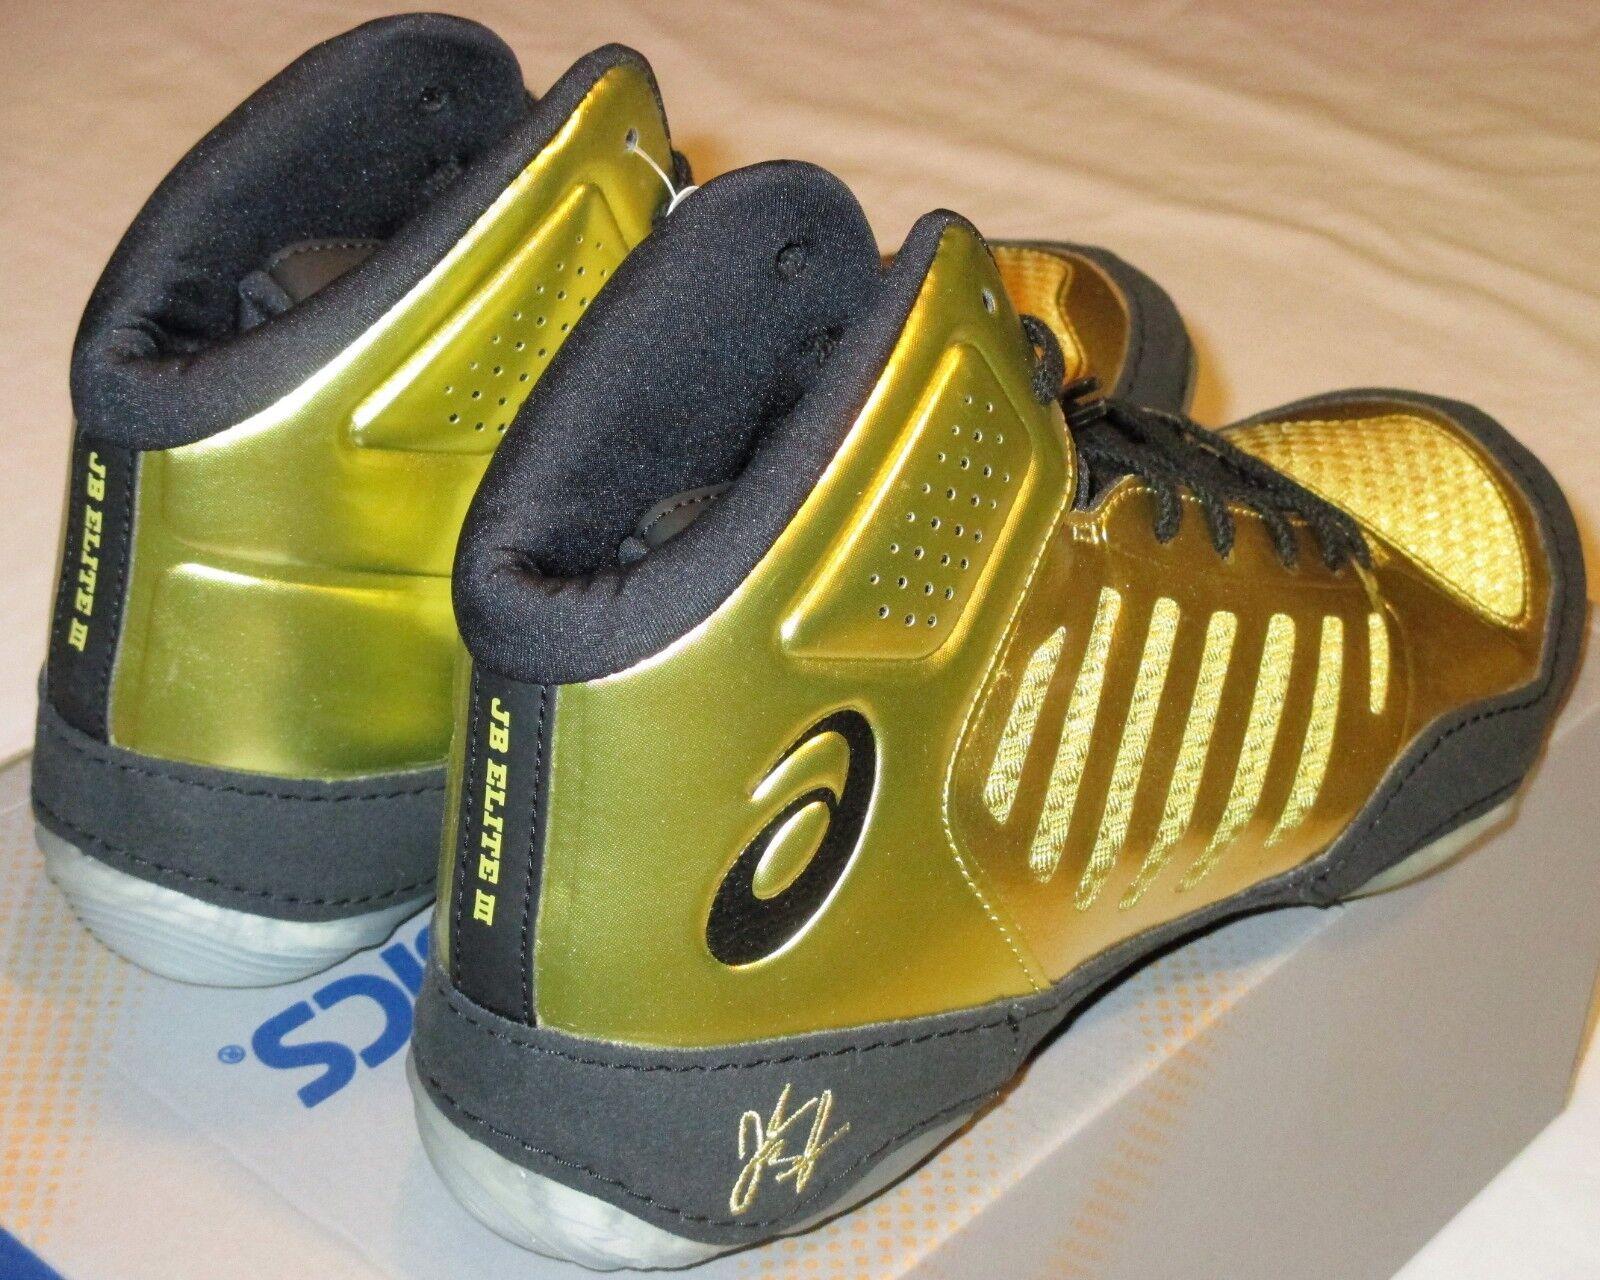 Men's 8 ASICS JB Elite III RICH gold   BLACK Wrestling shoes J702N-9490 Workout